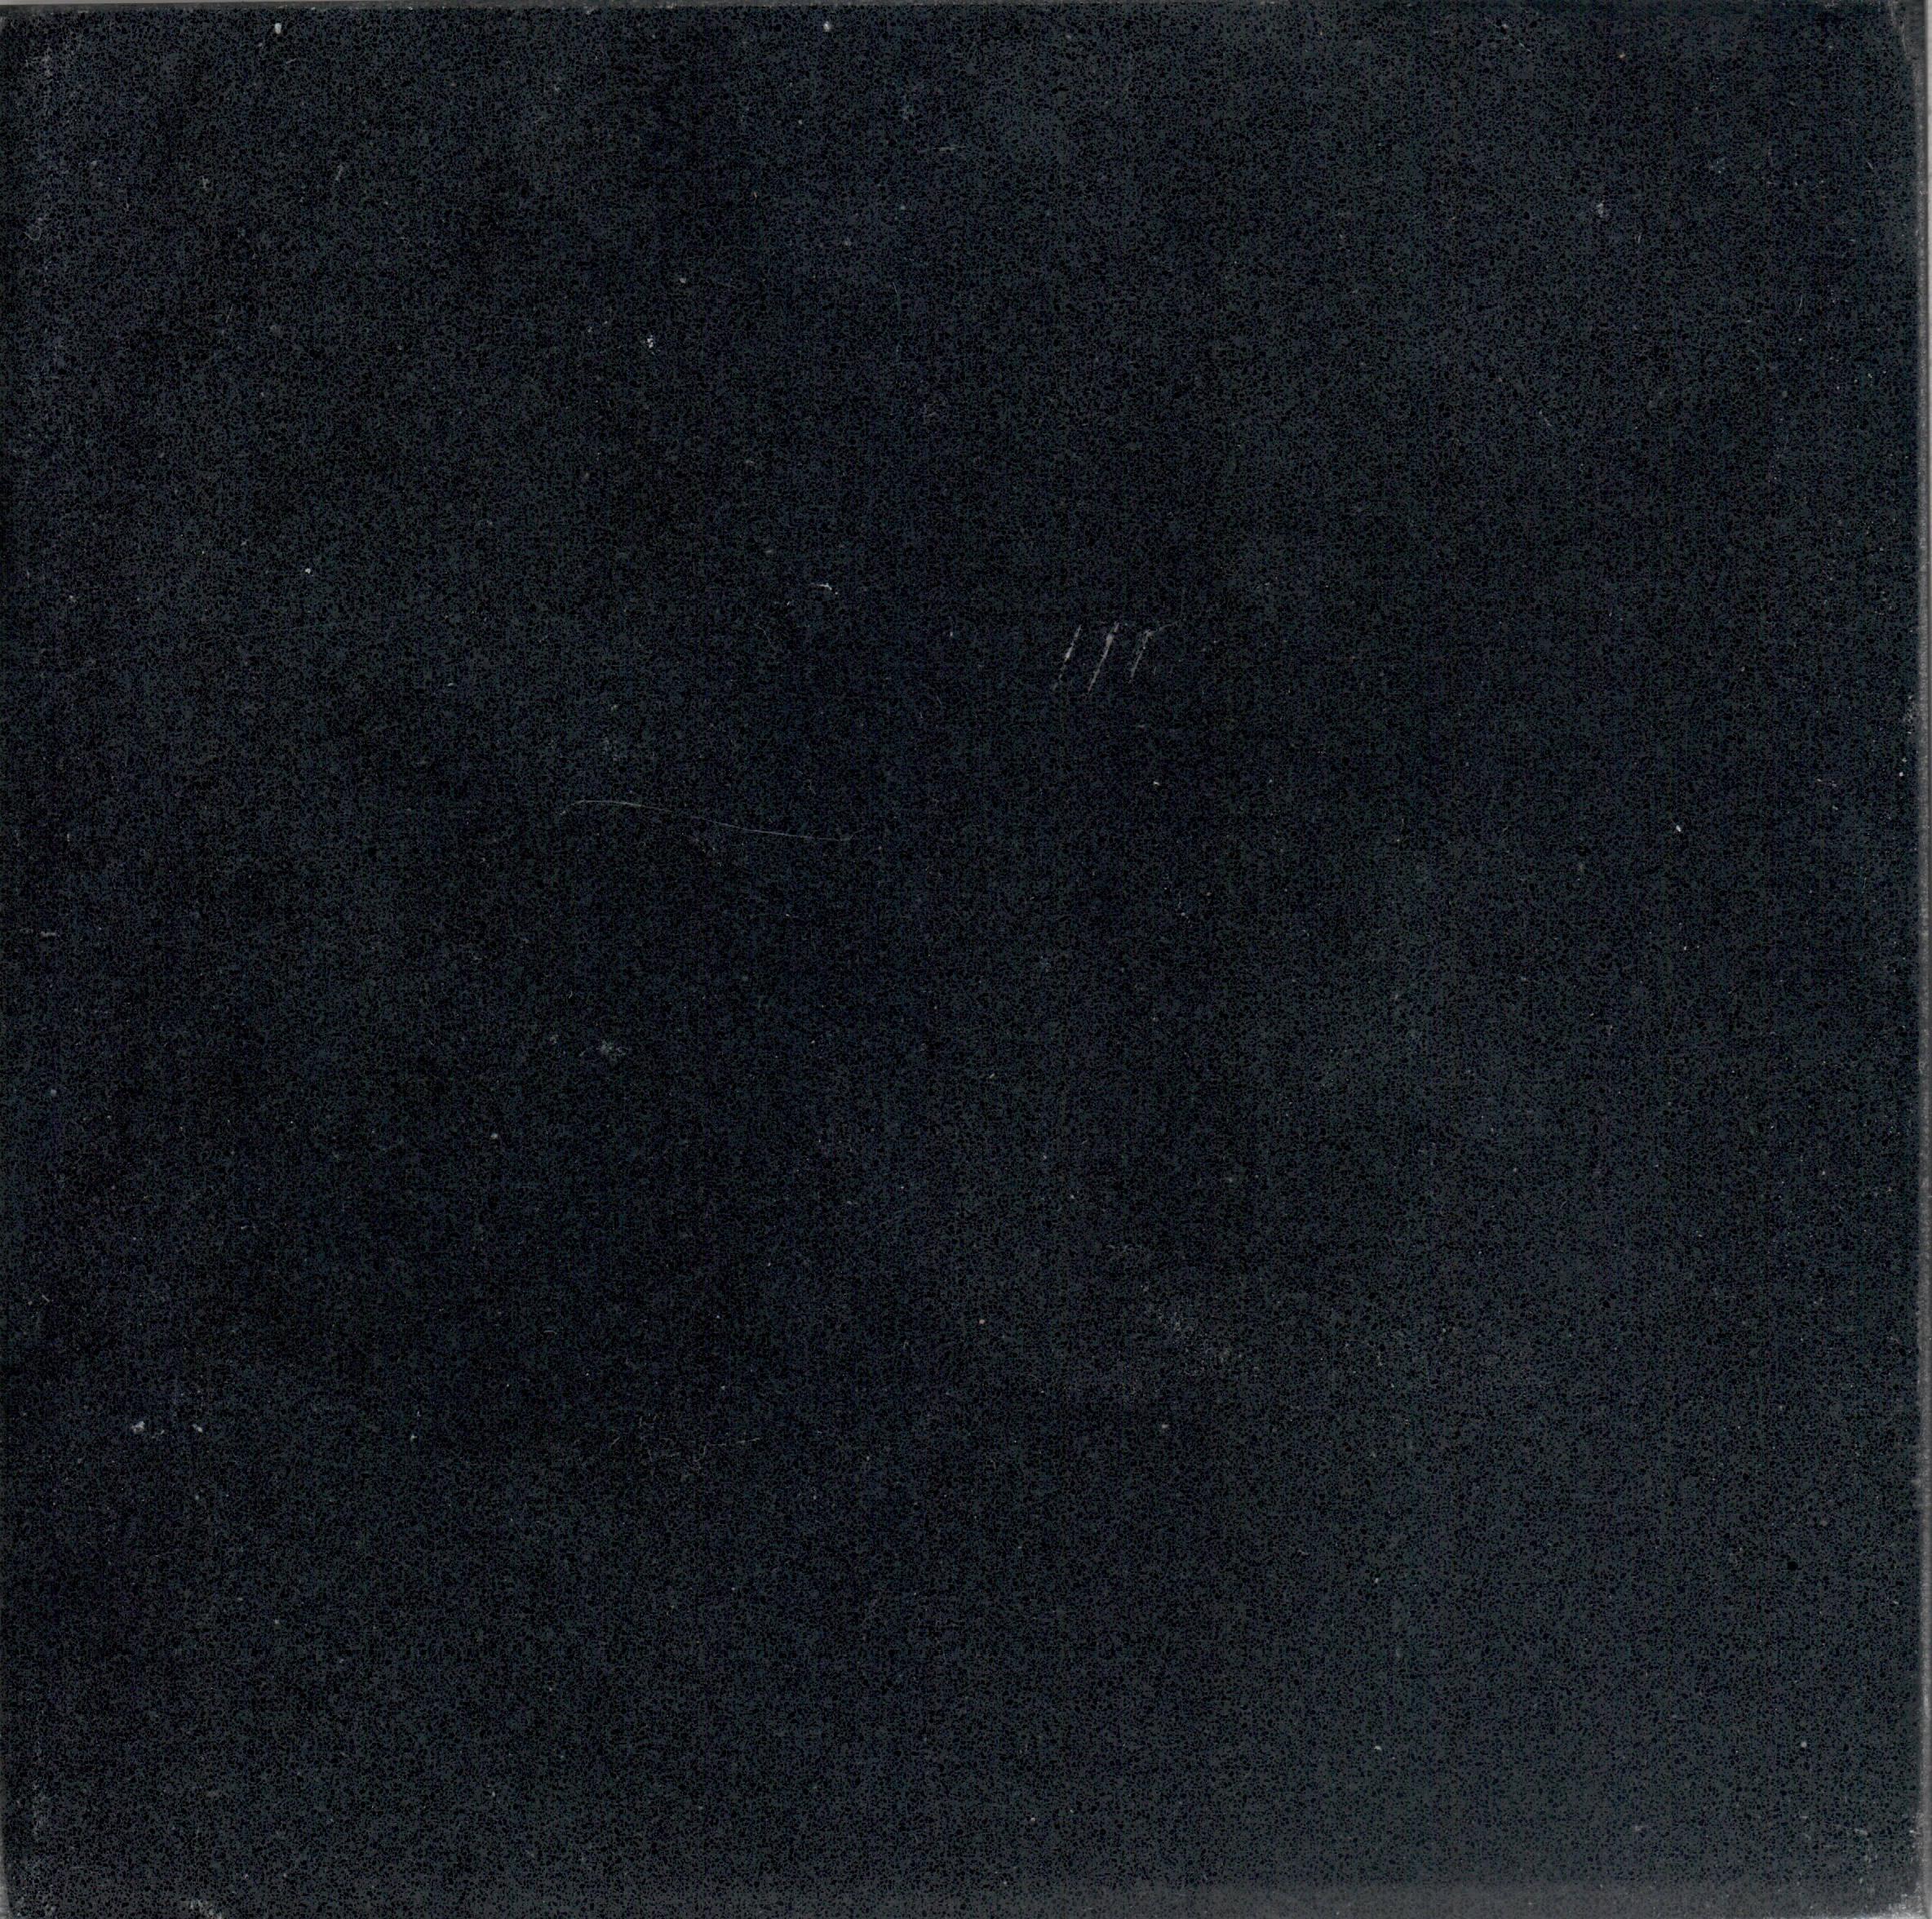 Atem Black 1115